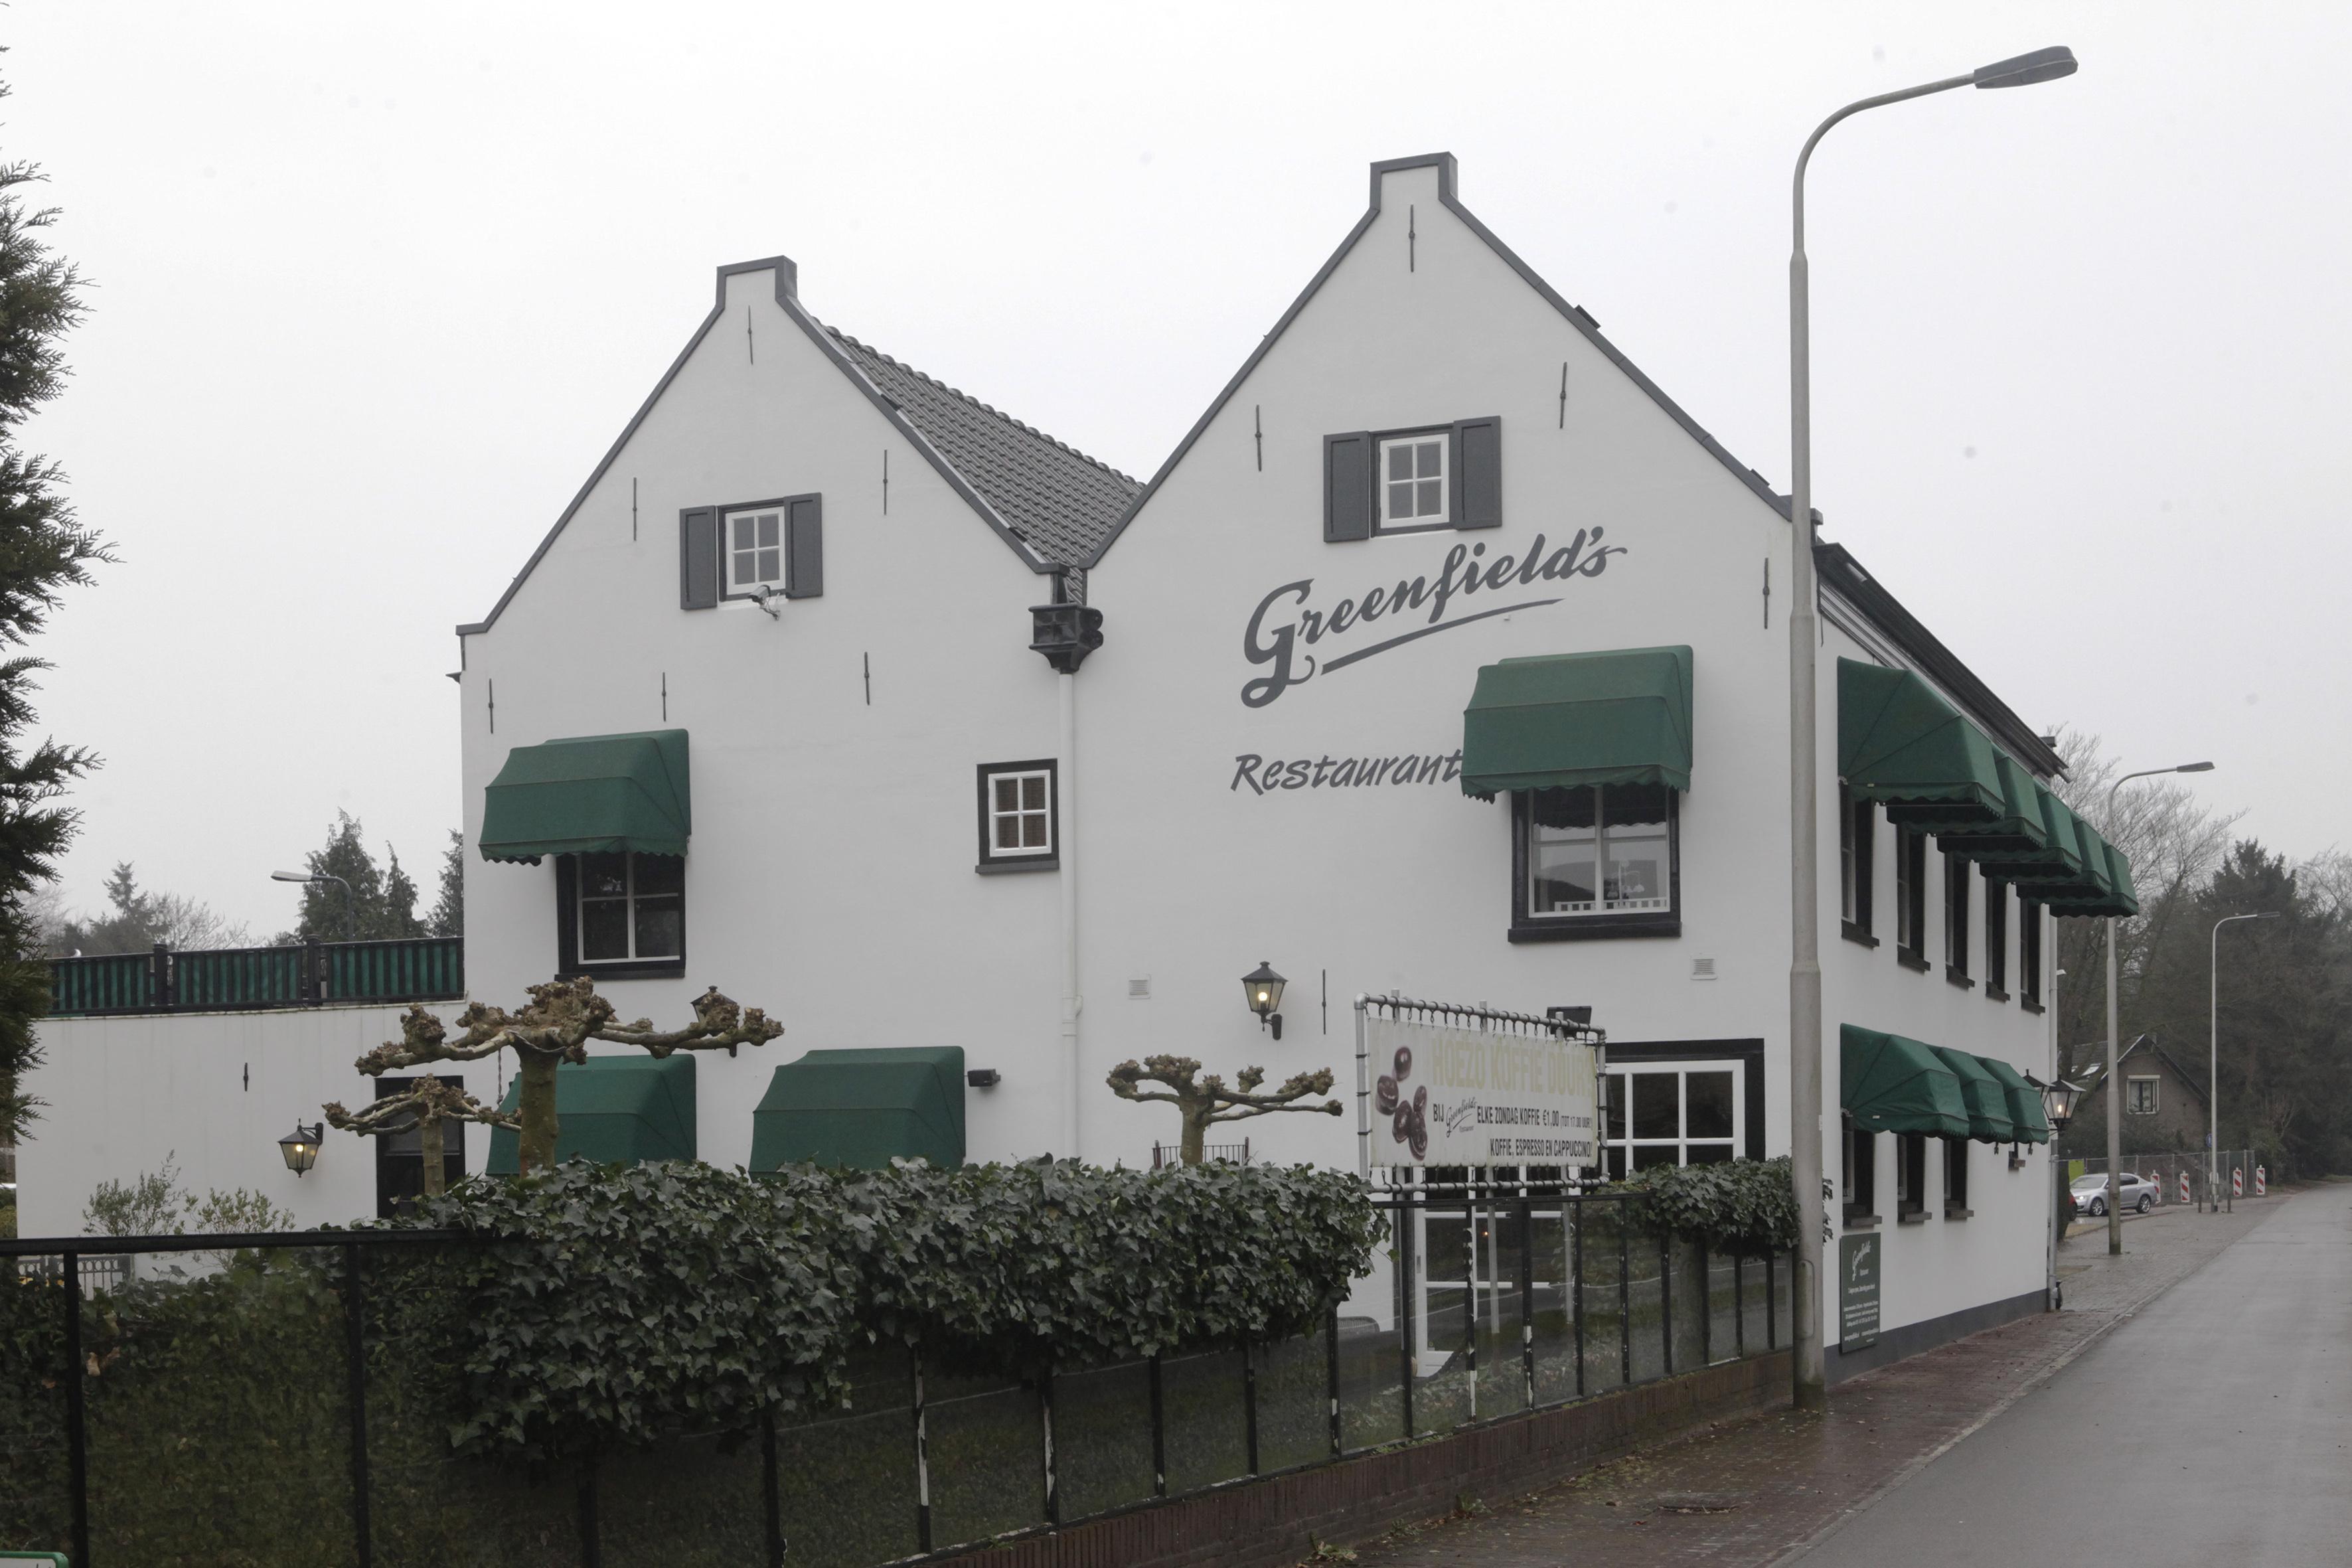 Restaurant Greenfield's in Baarn op de rand van faillissement, eigenaren Erik en Ilse van Slooten genoodzaakt te stoppen door coronacrisis: 'Met pijn in ons hart'